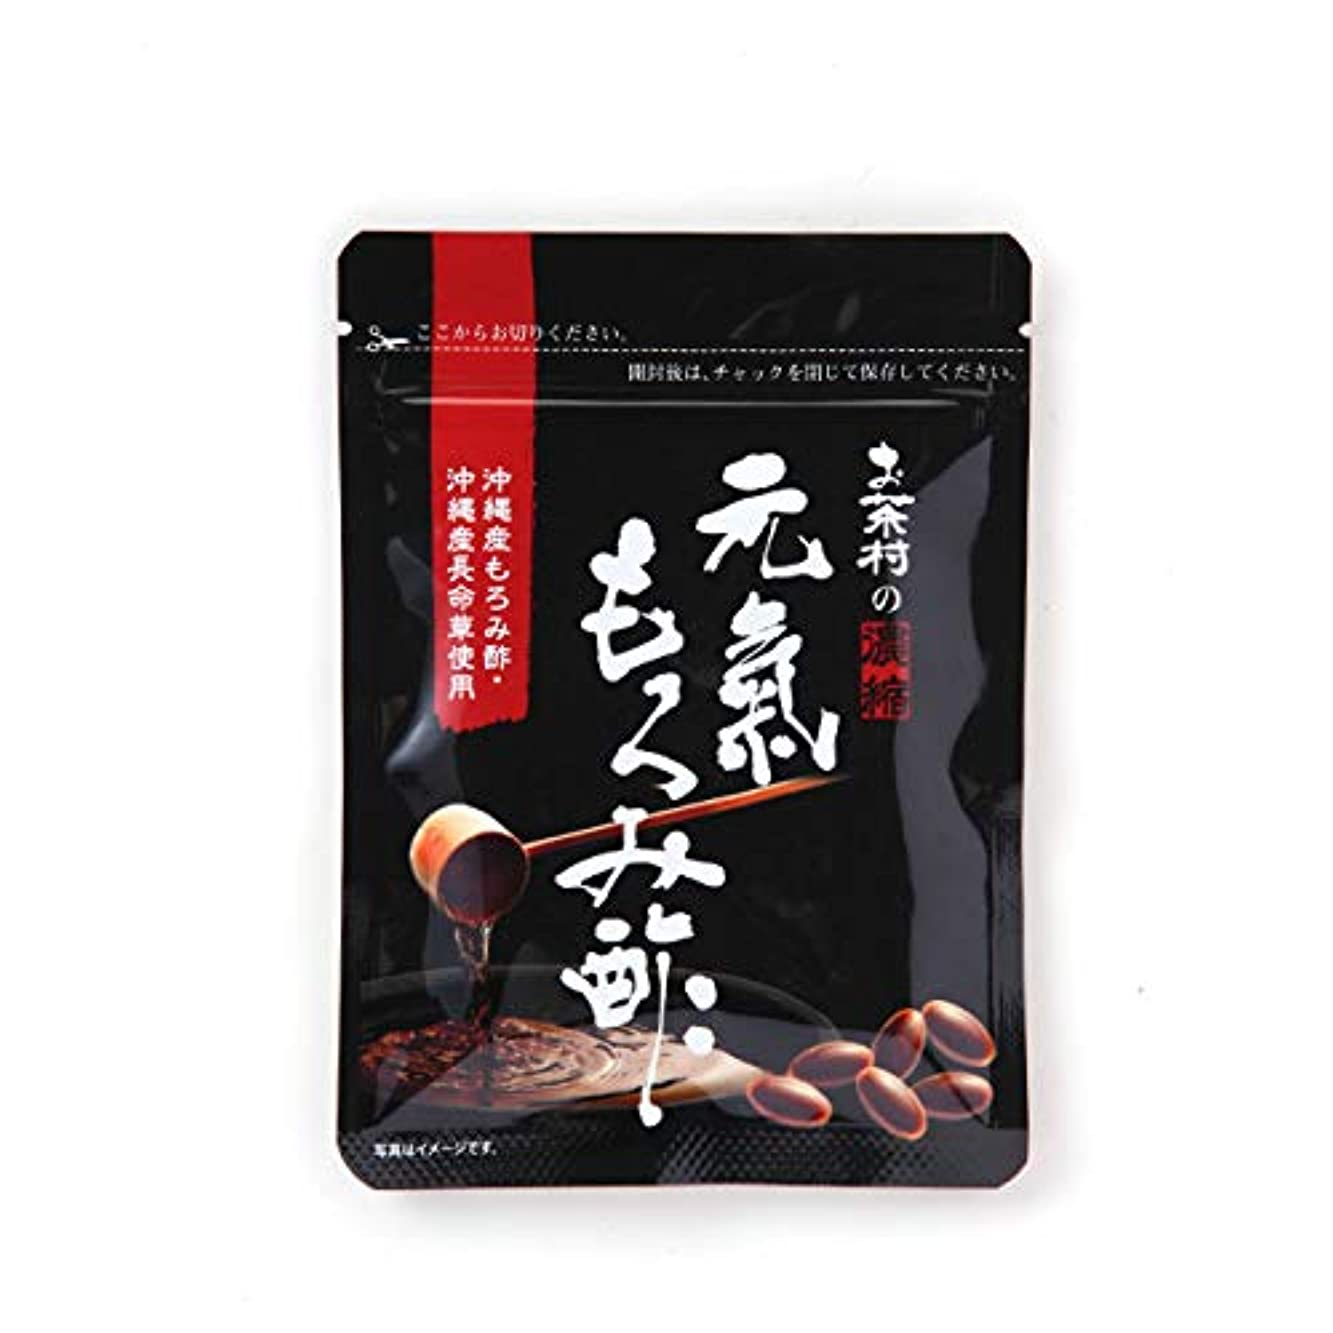 申請中キモい落胆したお茶村 濃縮 元氣 もろみ酢 ( 560mg × 62粒 - 約1ヶ月分 )